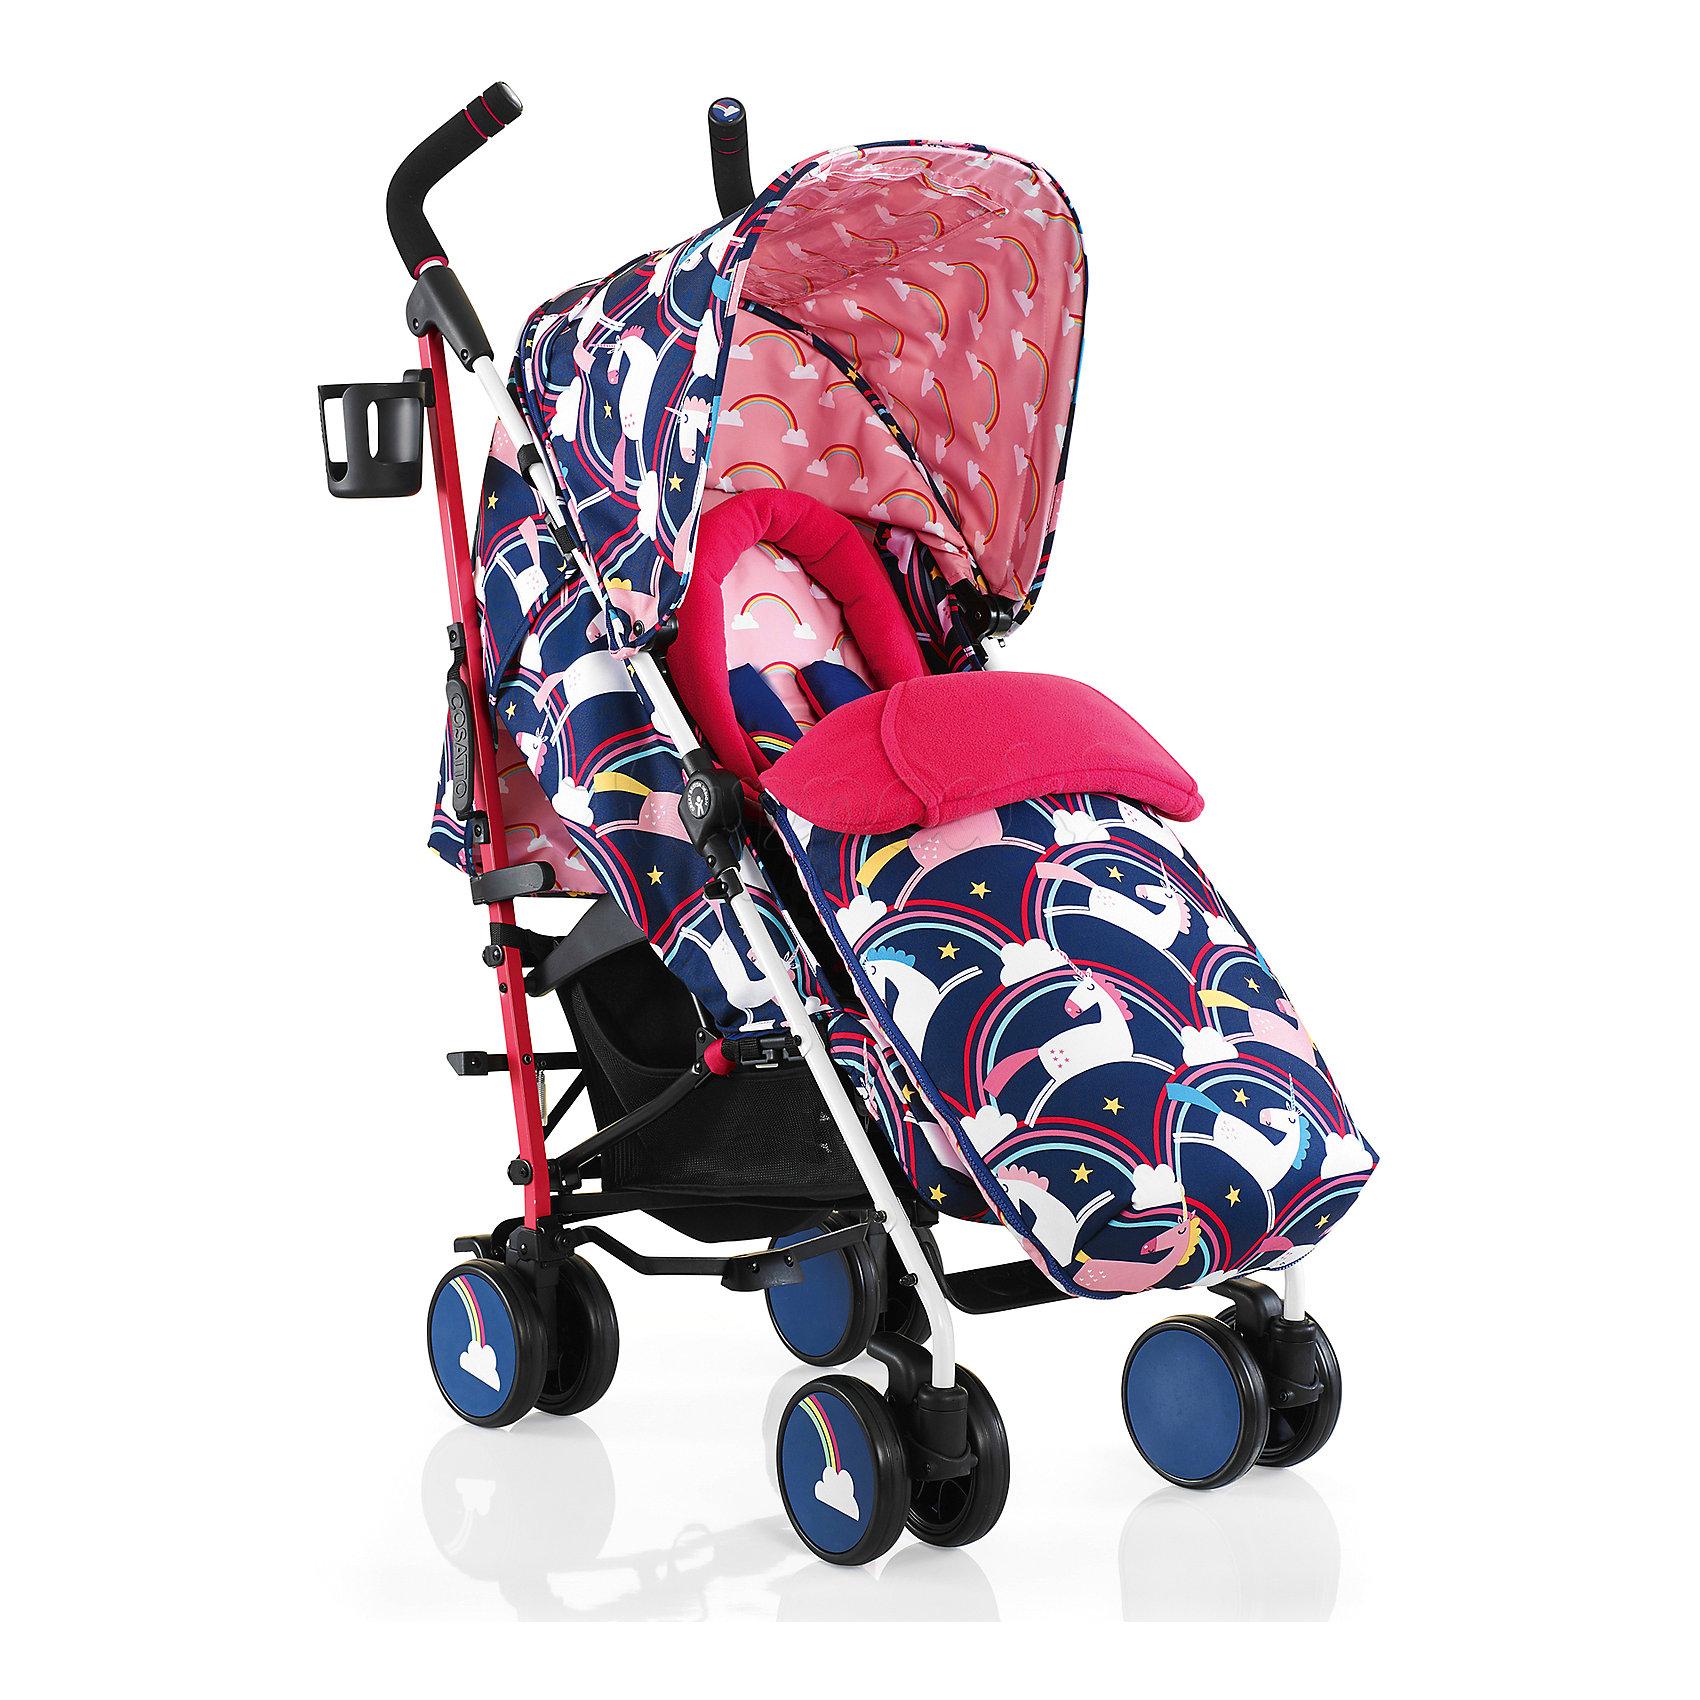 Коляска-трость Cosatto Supa, Magic UnicornsКоляски-трости<br>Стильная коляска станет для родителей не только незаменимой вещью, но и стильным аксессуаром. Функциональность, дизайн и маневренность – все это – новая модель от Cosatto. Все материалы, использованные при изготовлении, безопасны и отвечают требованиям по качеству продукции.<br><br>Дополнительные характеристики: <br><br>возраст: 6 месяцев – 3 года;<br>регулируемый капюшон;<br>механизм складывания: трость;<br>регулировка спинки;<br>ножной тормоз;<br>пятиточечные ремни безопасности;<br>габариты: 78 х 48,5 х 110 см;<br>материал шасси: алюминий;<br>комплектация: блок для прогулок, складывающиеся шасси, подголовник, подстаканник, защита от дождя и солнца, регулируемая ручка, конверт - муфта.<br><br>ВНИМАНИЕ!!! В комплектацию коляски не входит бампер, его можно купить отдельно.<br><br>Коляску-трость SUPA от компании Cosatto можно приобрести в нашем магазине.<br><br>Ширина мм: 1200<br>Глубина мм: 280<br>Высота мм: 280<br>Вес г: 12000<br>Возраст от месяцев: -2147483648<br>Возраст до месяцев: 2147483647<br>Пол: Унисекс<br>Возраст: Детский<br>SKU: 5629508